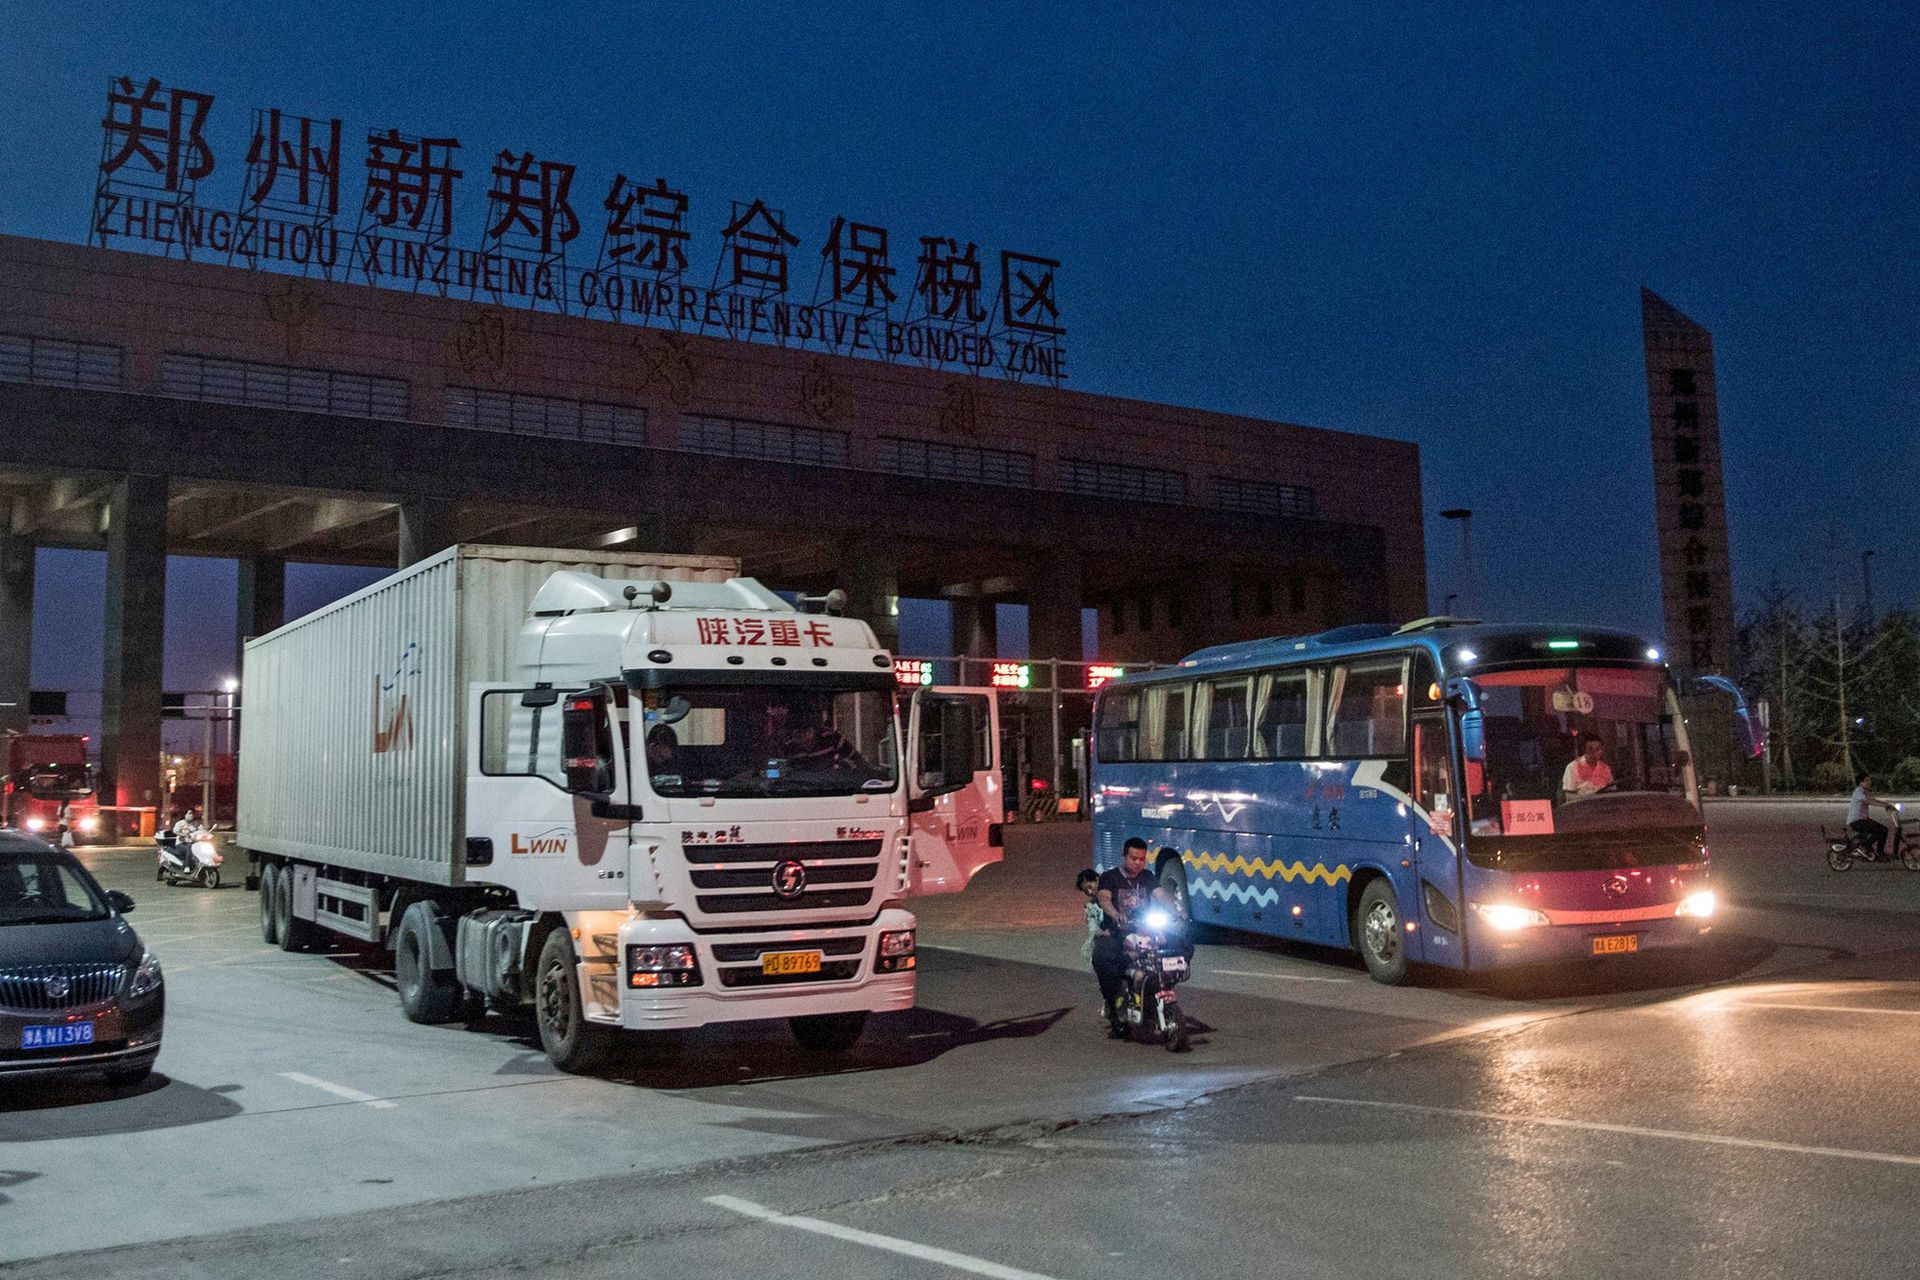 En todo el mundo hay ciudades creadas por compañías; Zhengzhou, en el interior de China, alberga un complejo donde viven 35.000 empleados que fabrican 500.000 iPhones por día